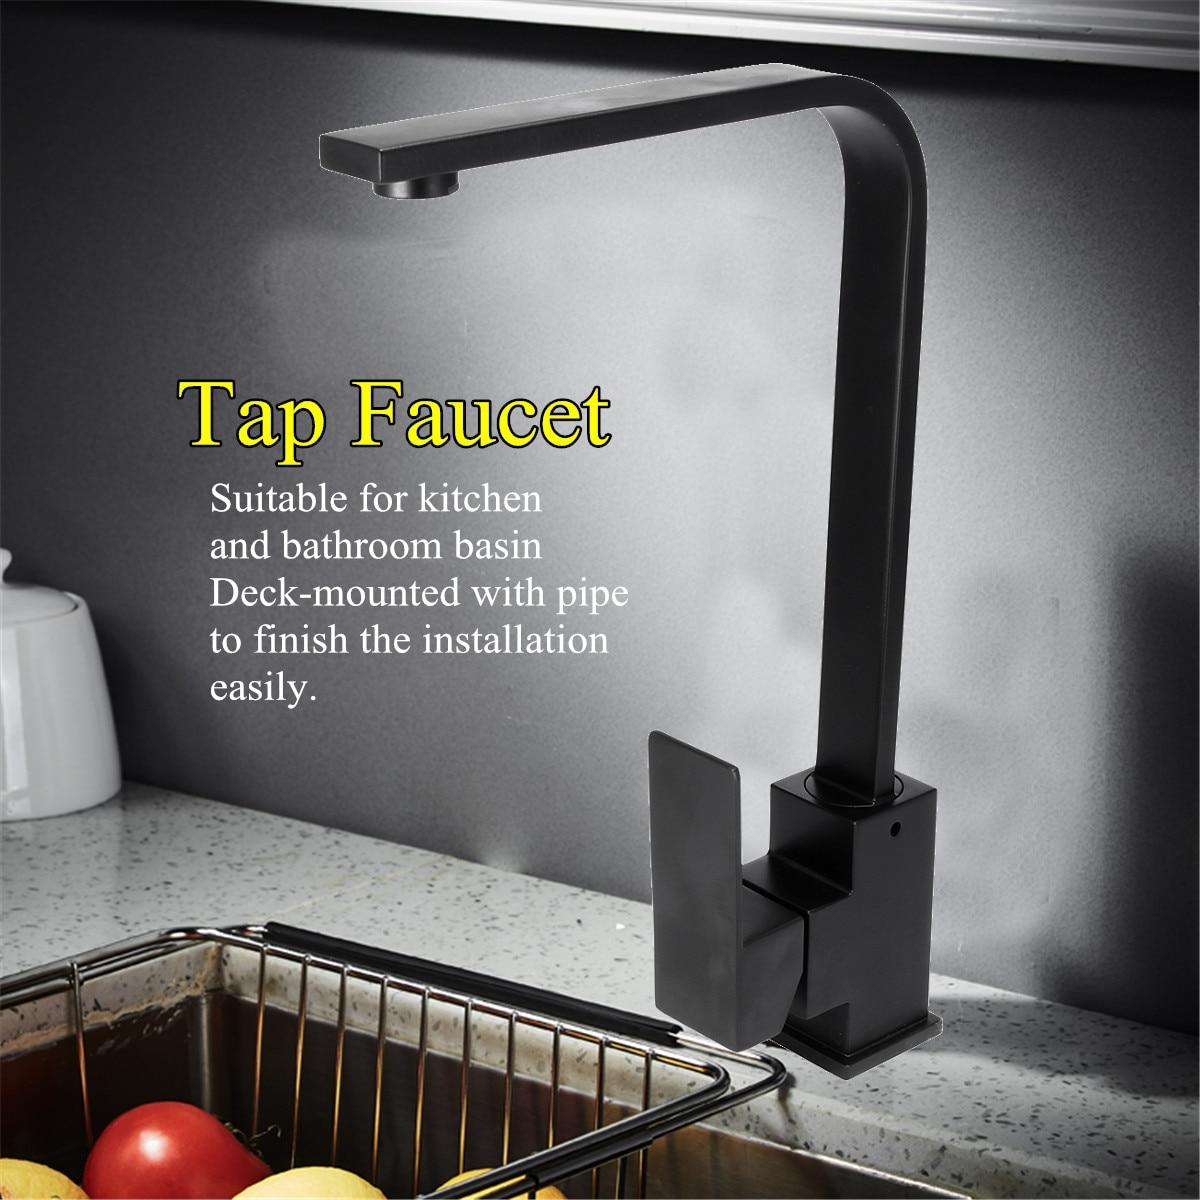 Cuisine salle de bains évier robinet mélangeur froid et chaud poignée unique bec cuisine évier mitigeur robinet robinets mat noir laiton - 2